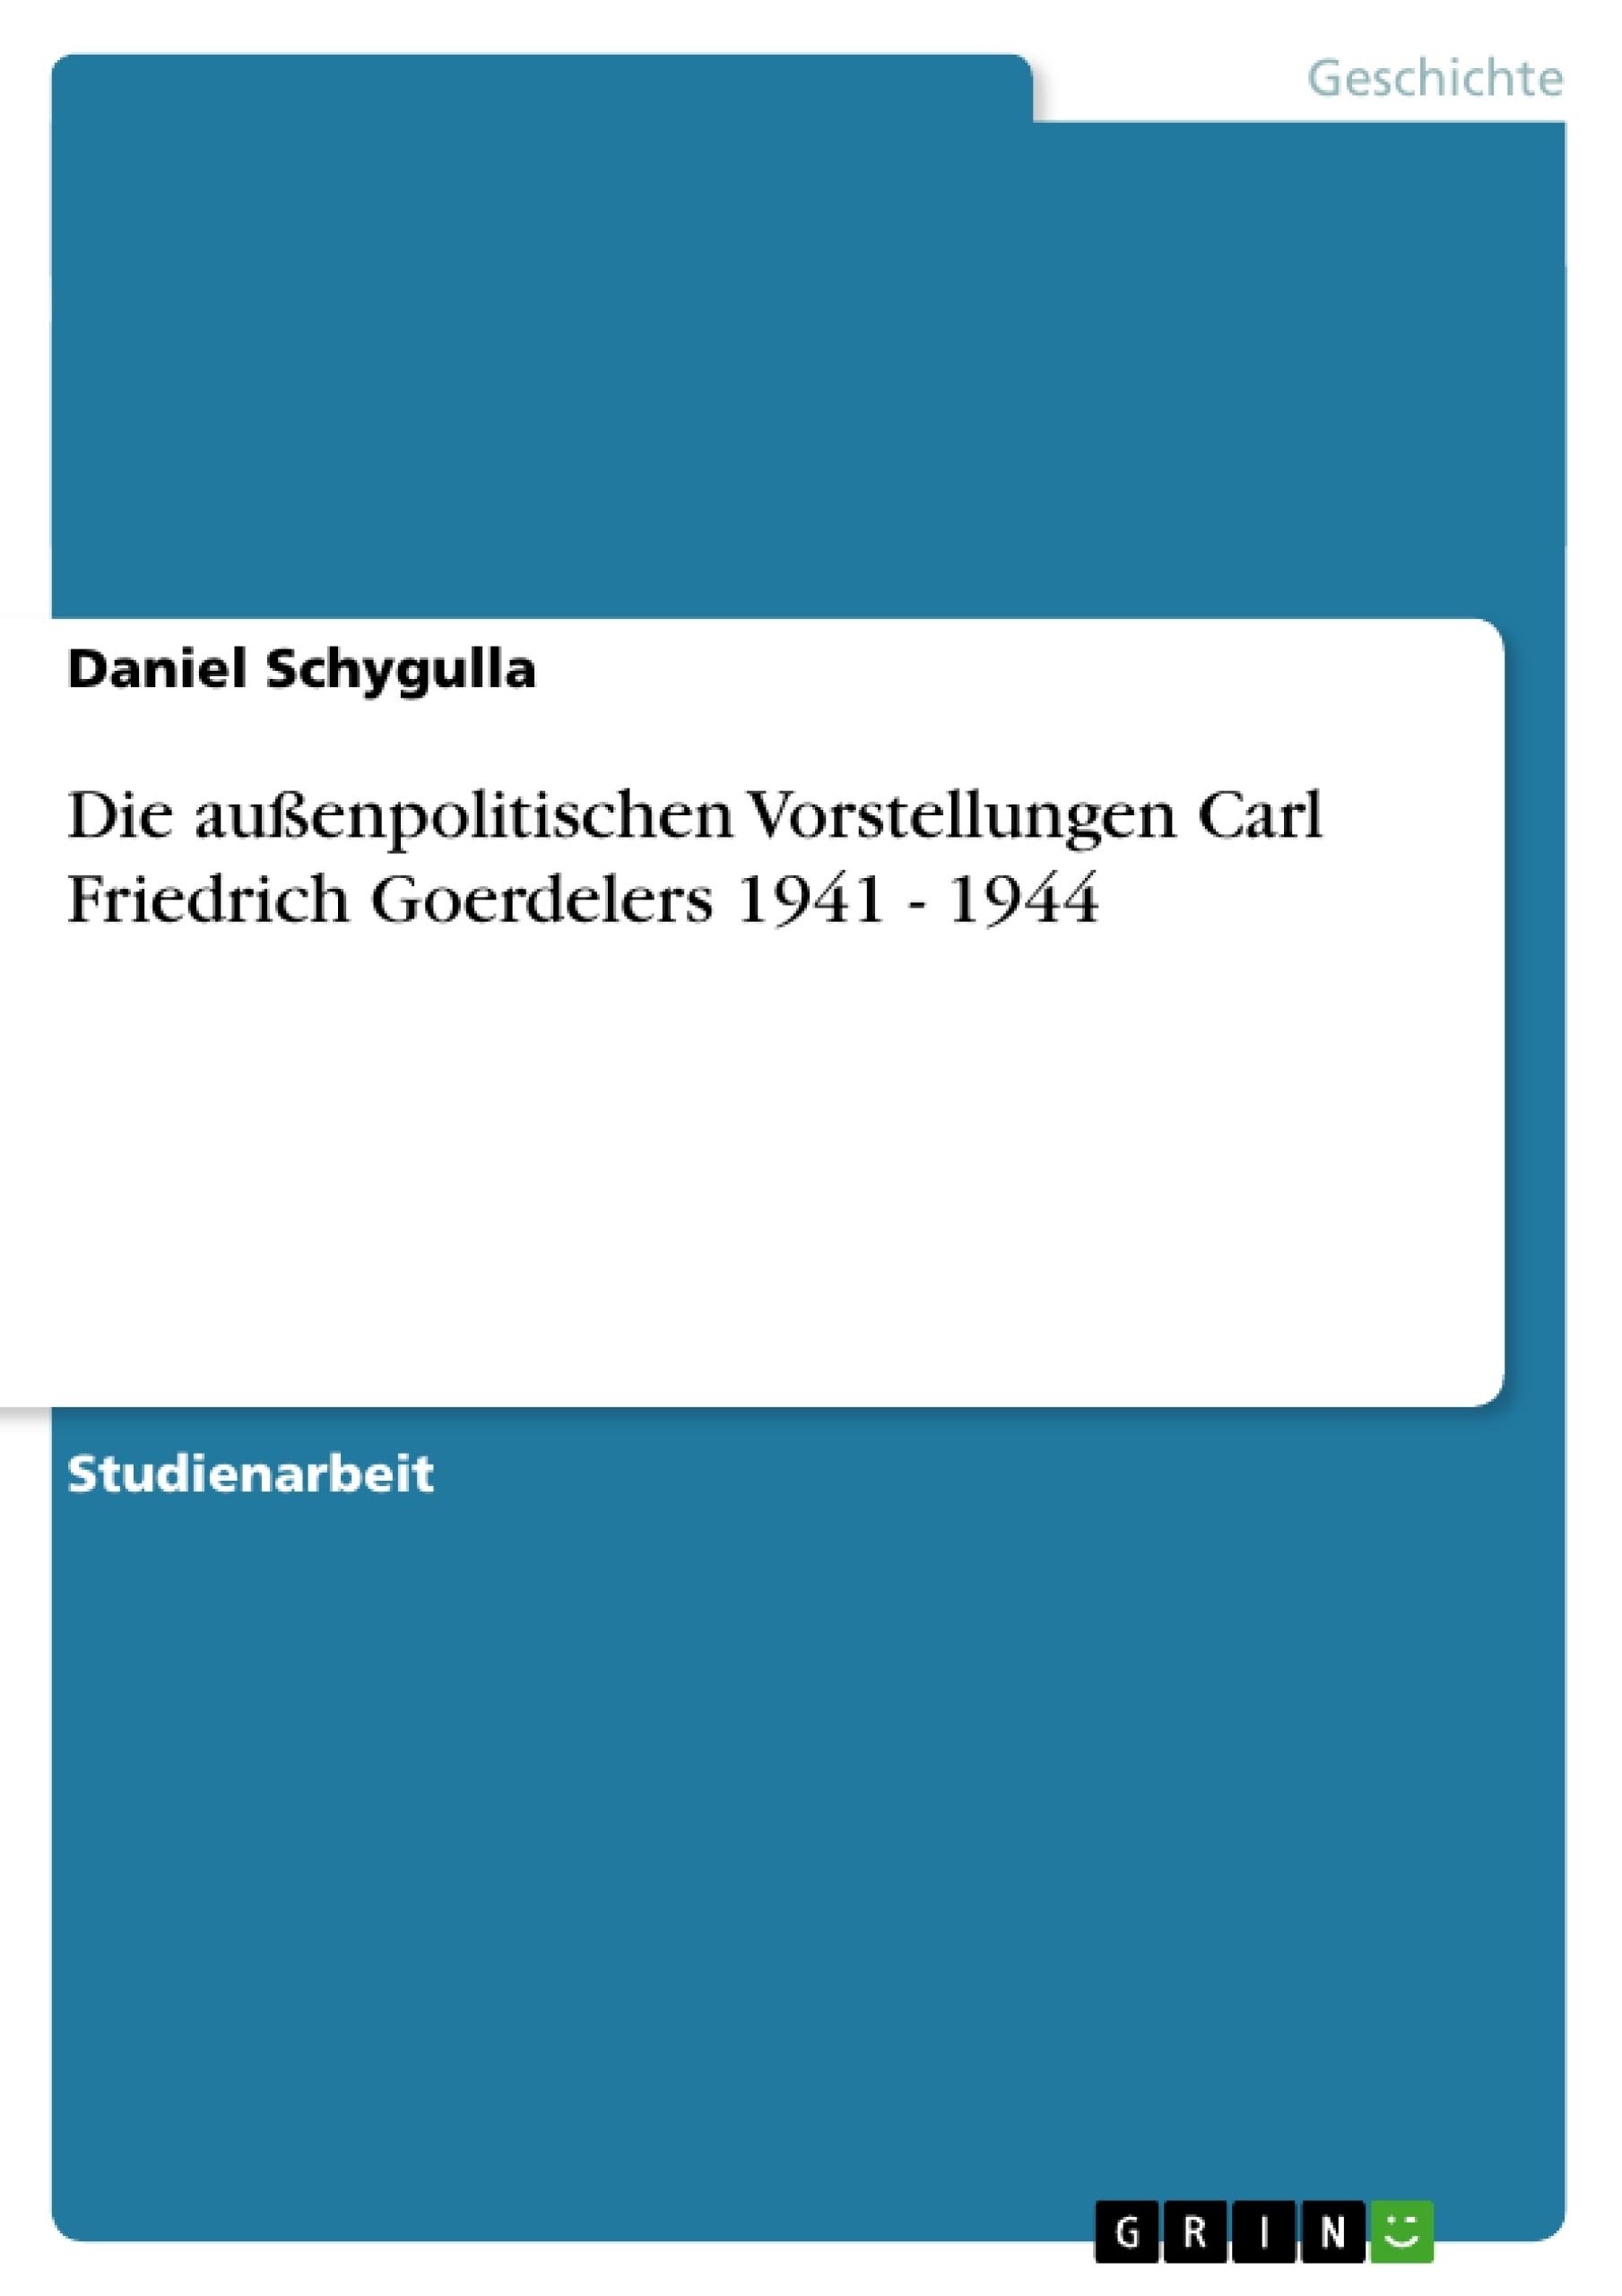 Titel: Die außenpolitischen Vorstellungen Carl Friedrich Goerdelers 1941 - 1944